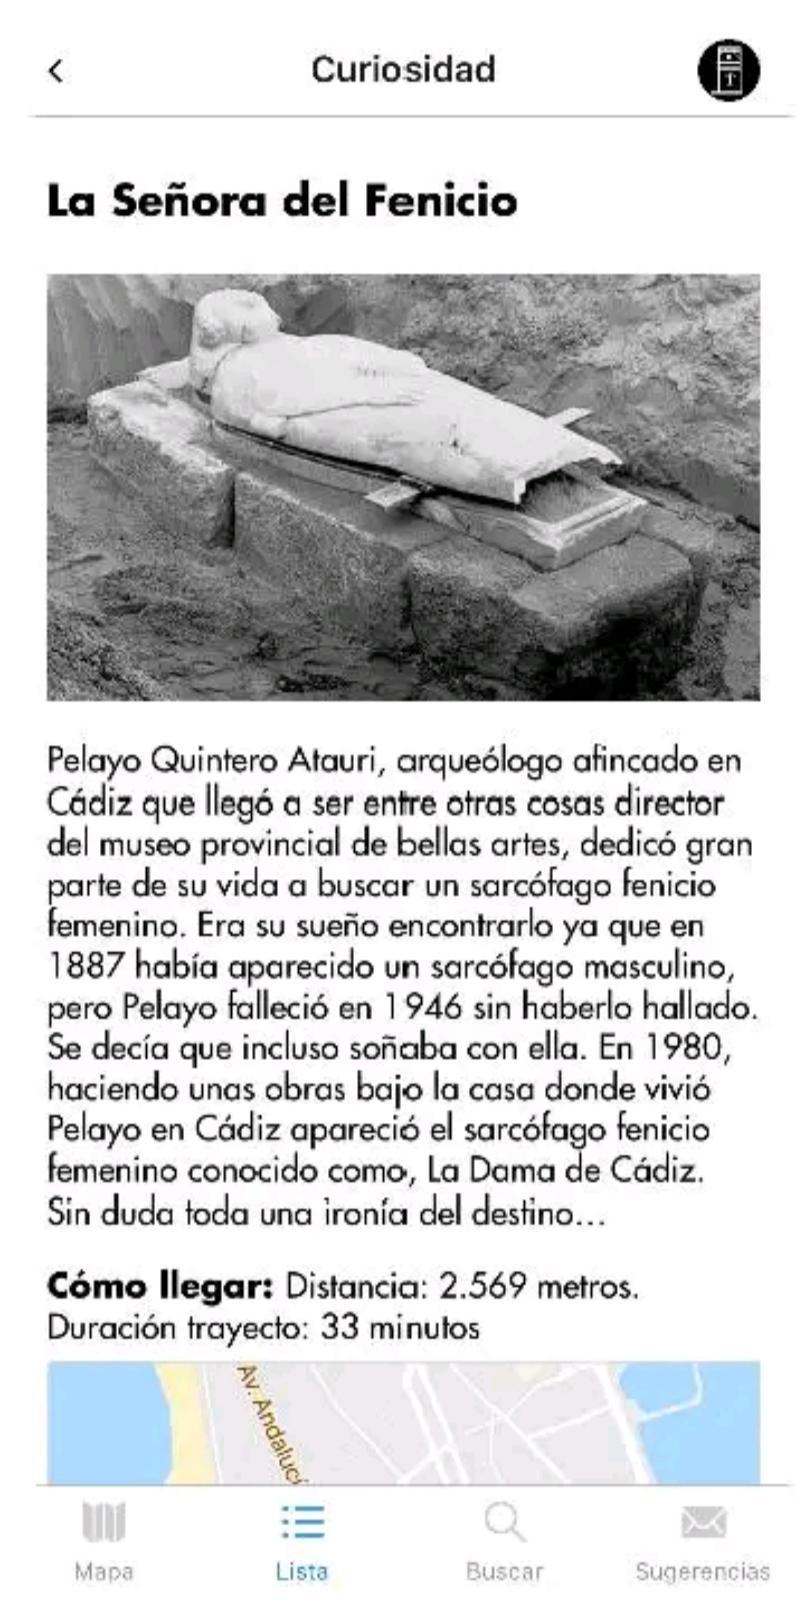 App Cosas de Cádiz de Torre Tavira